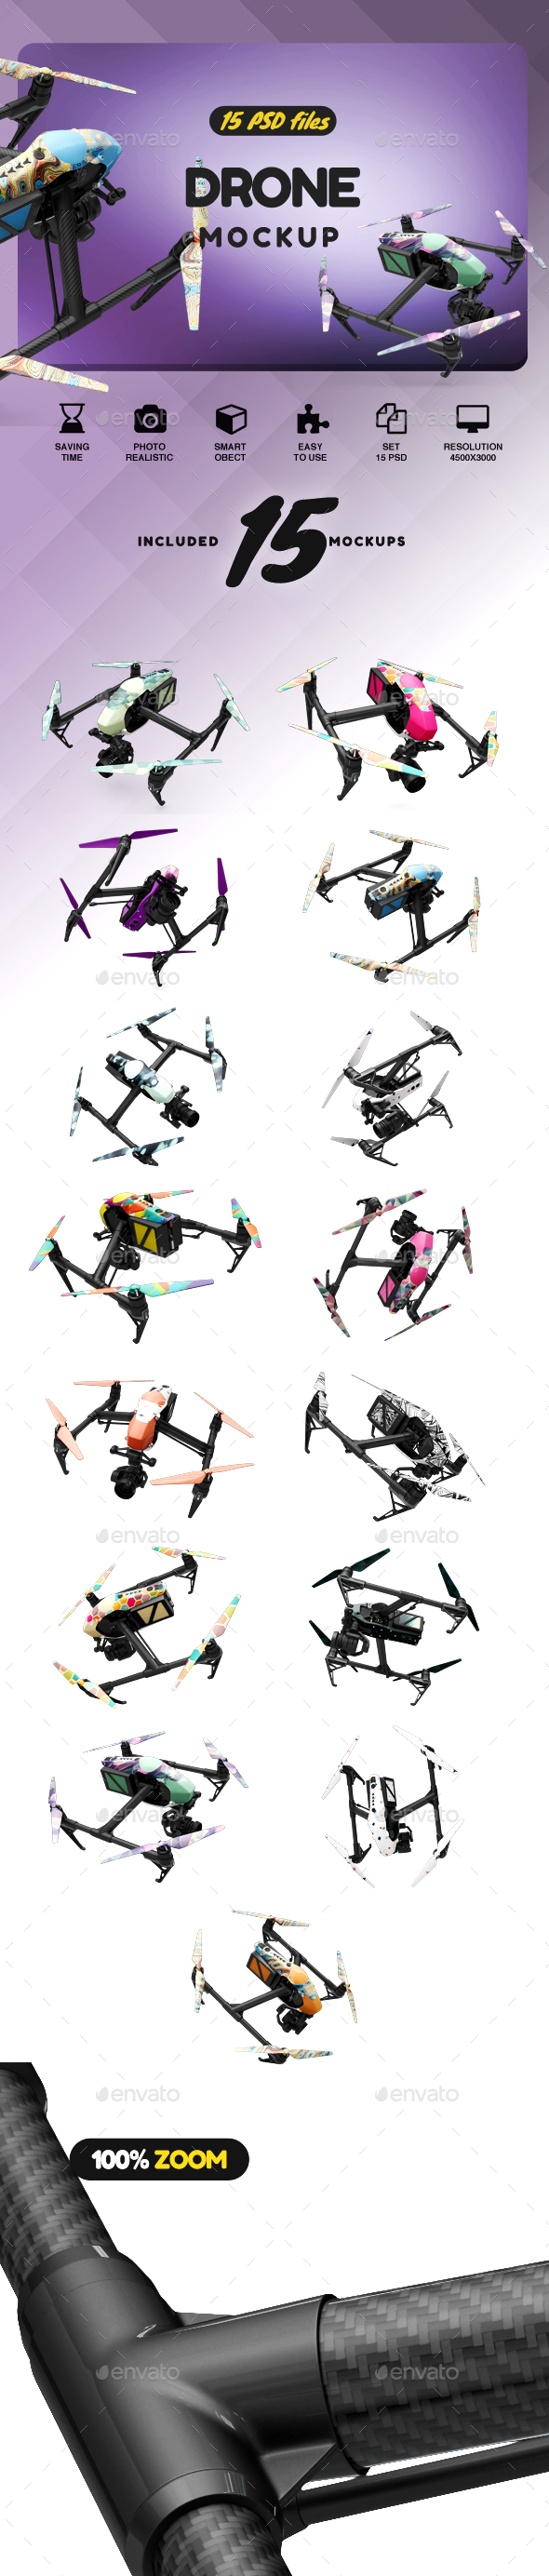 GraphicRiver Drone Mockup 21122521